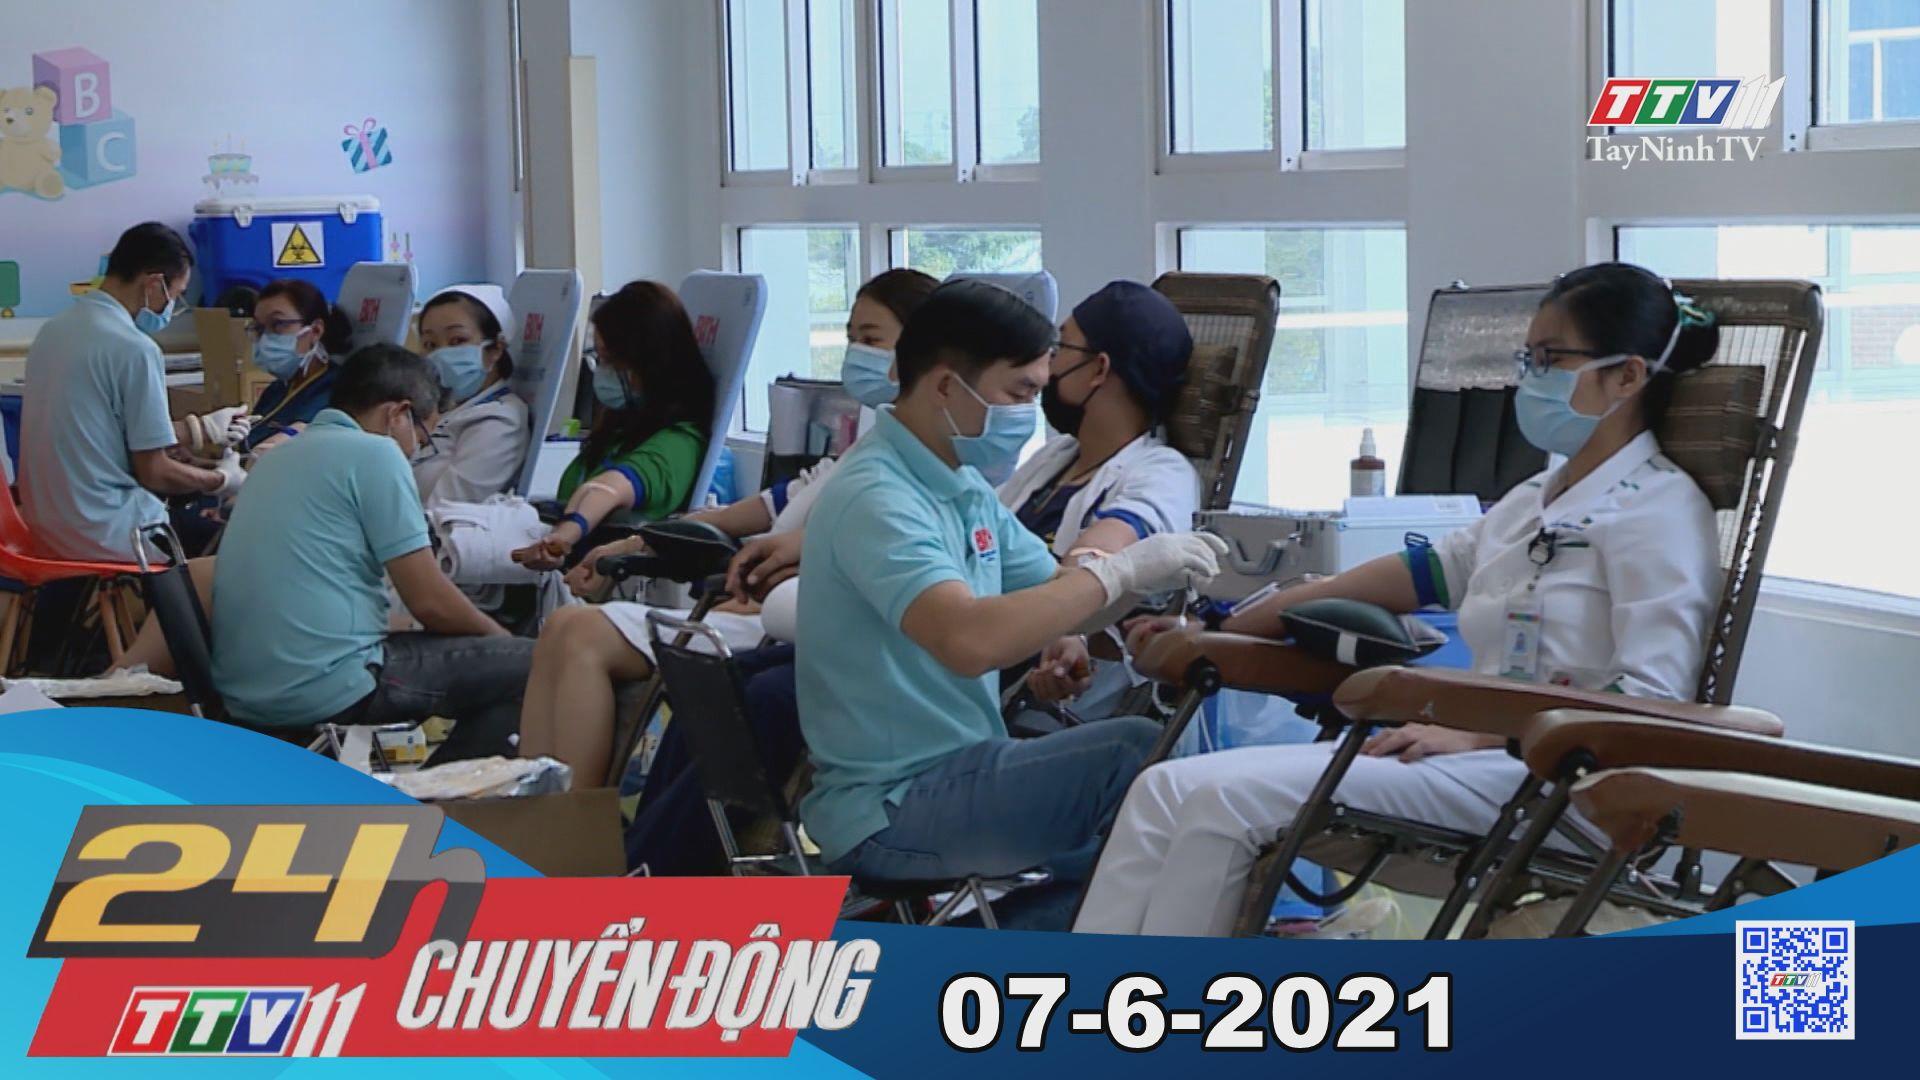 24h Chuyển động 07-6-2021 | Tin tức hôm nay | TayNinhTV